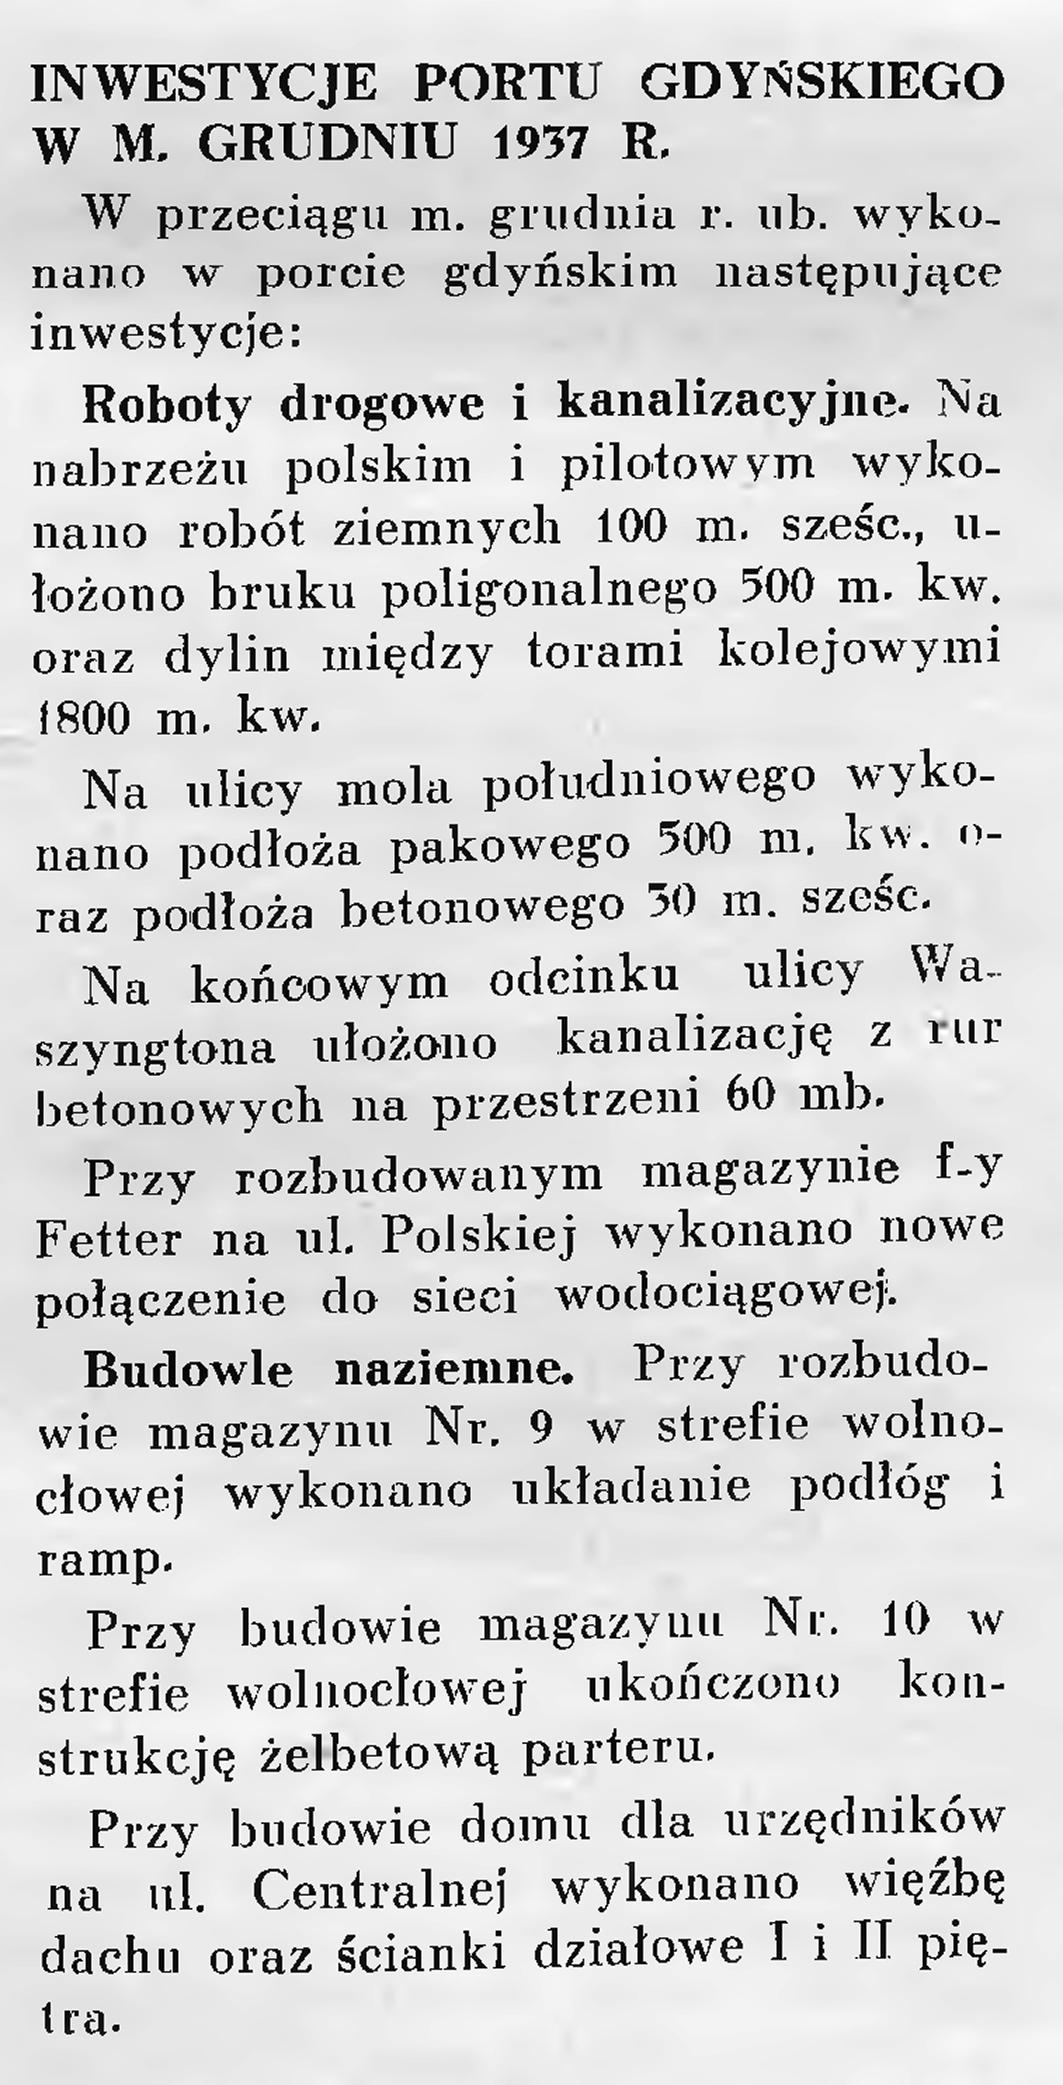 Inwestycje portu gdyńskiego w m. grudniu 1937 r.